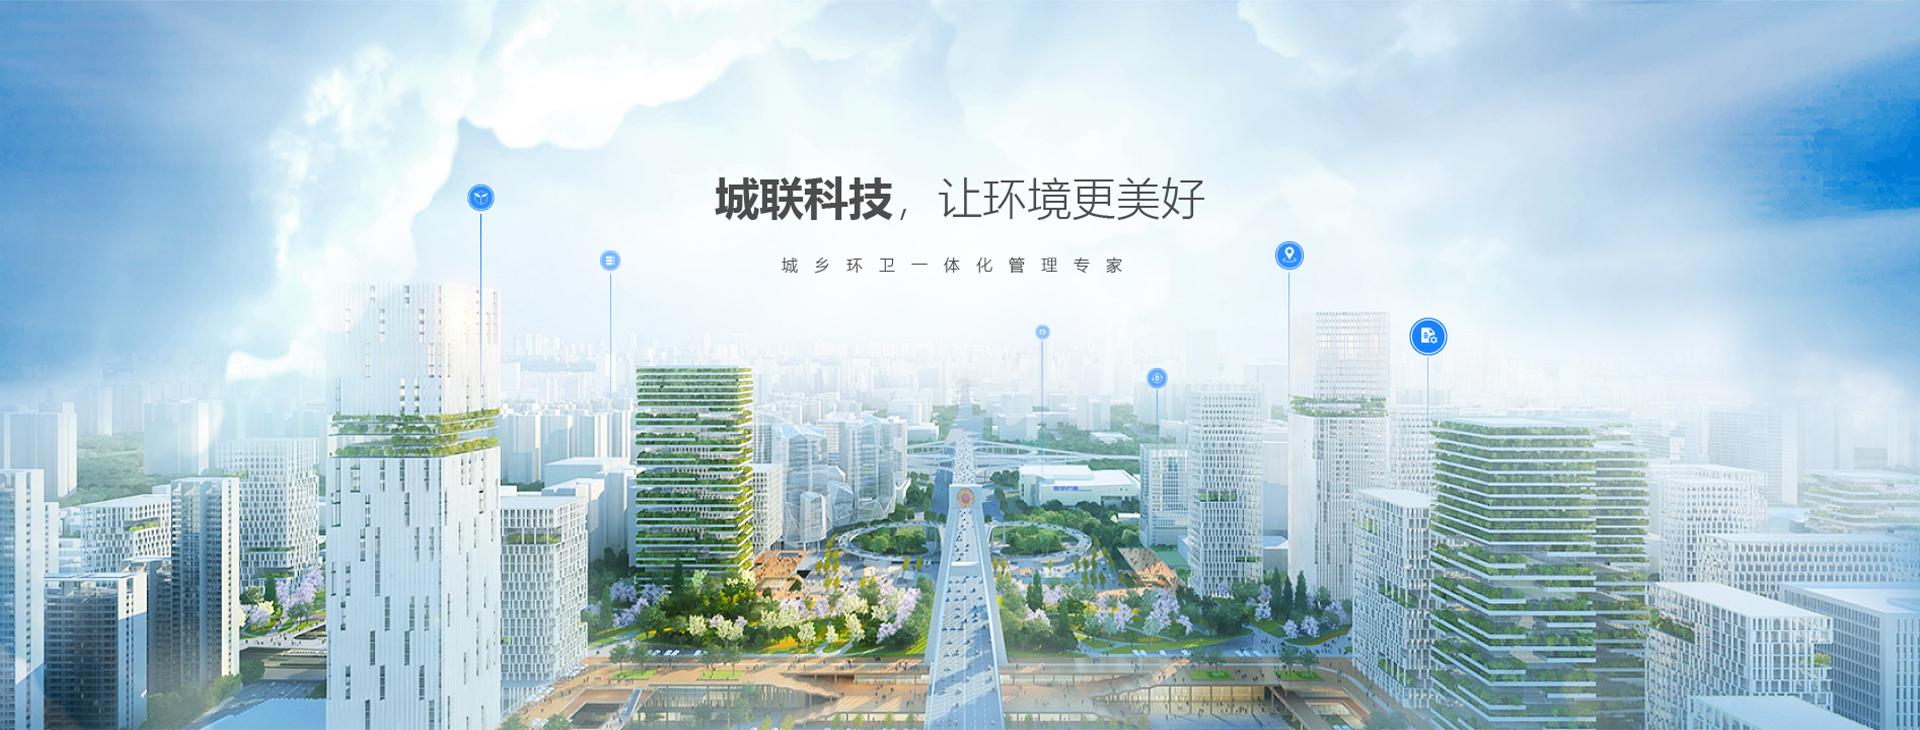 城联科技介绍